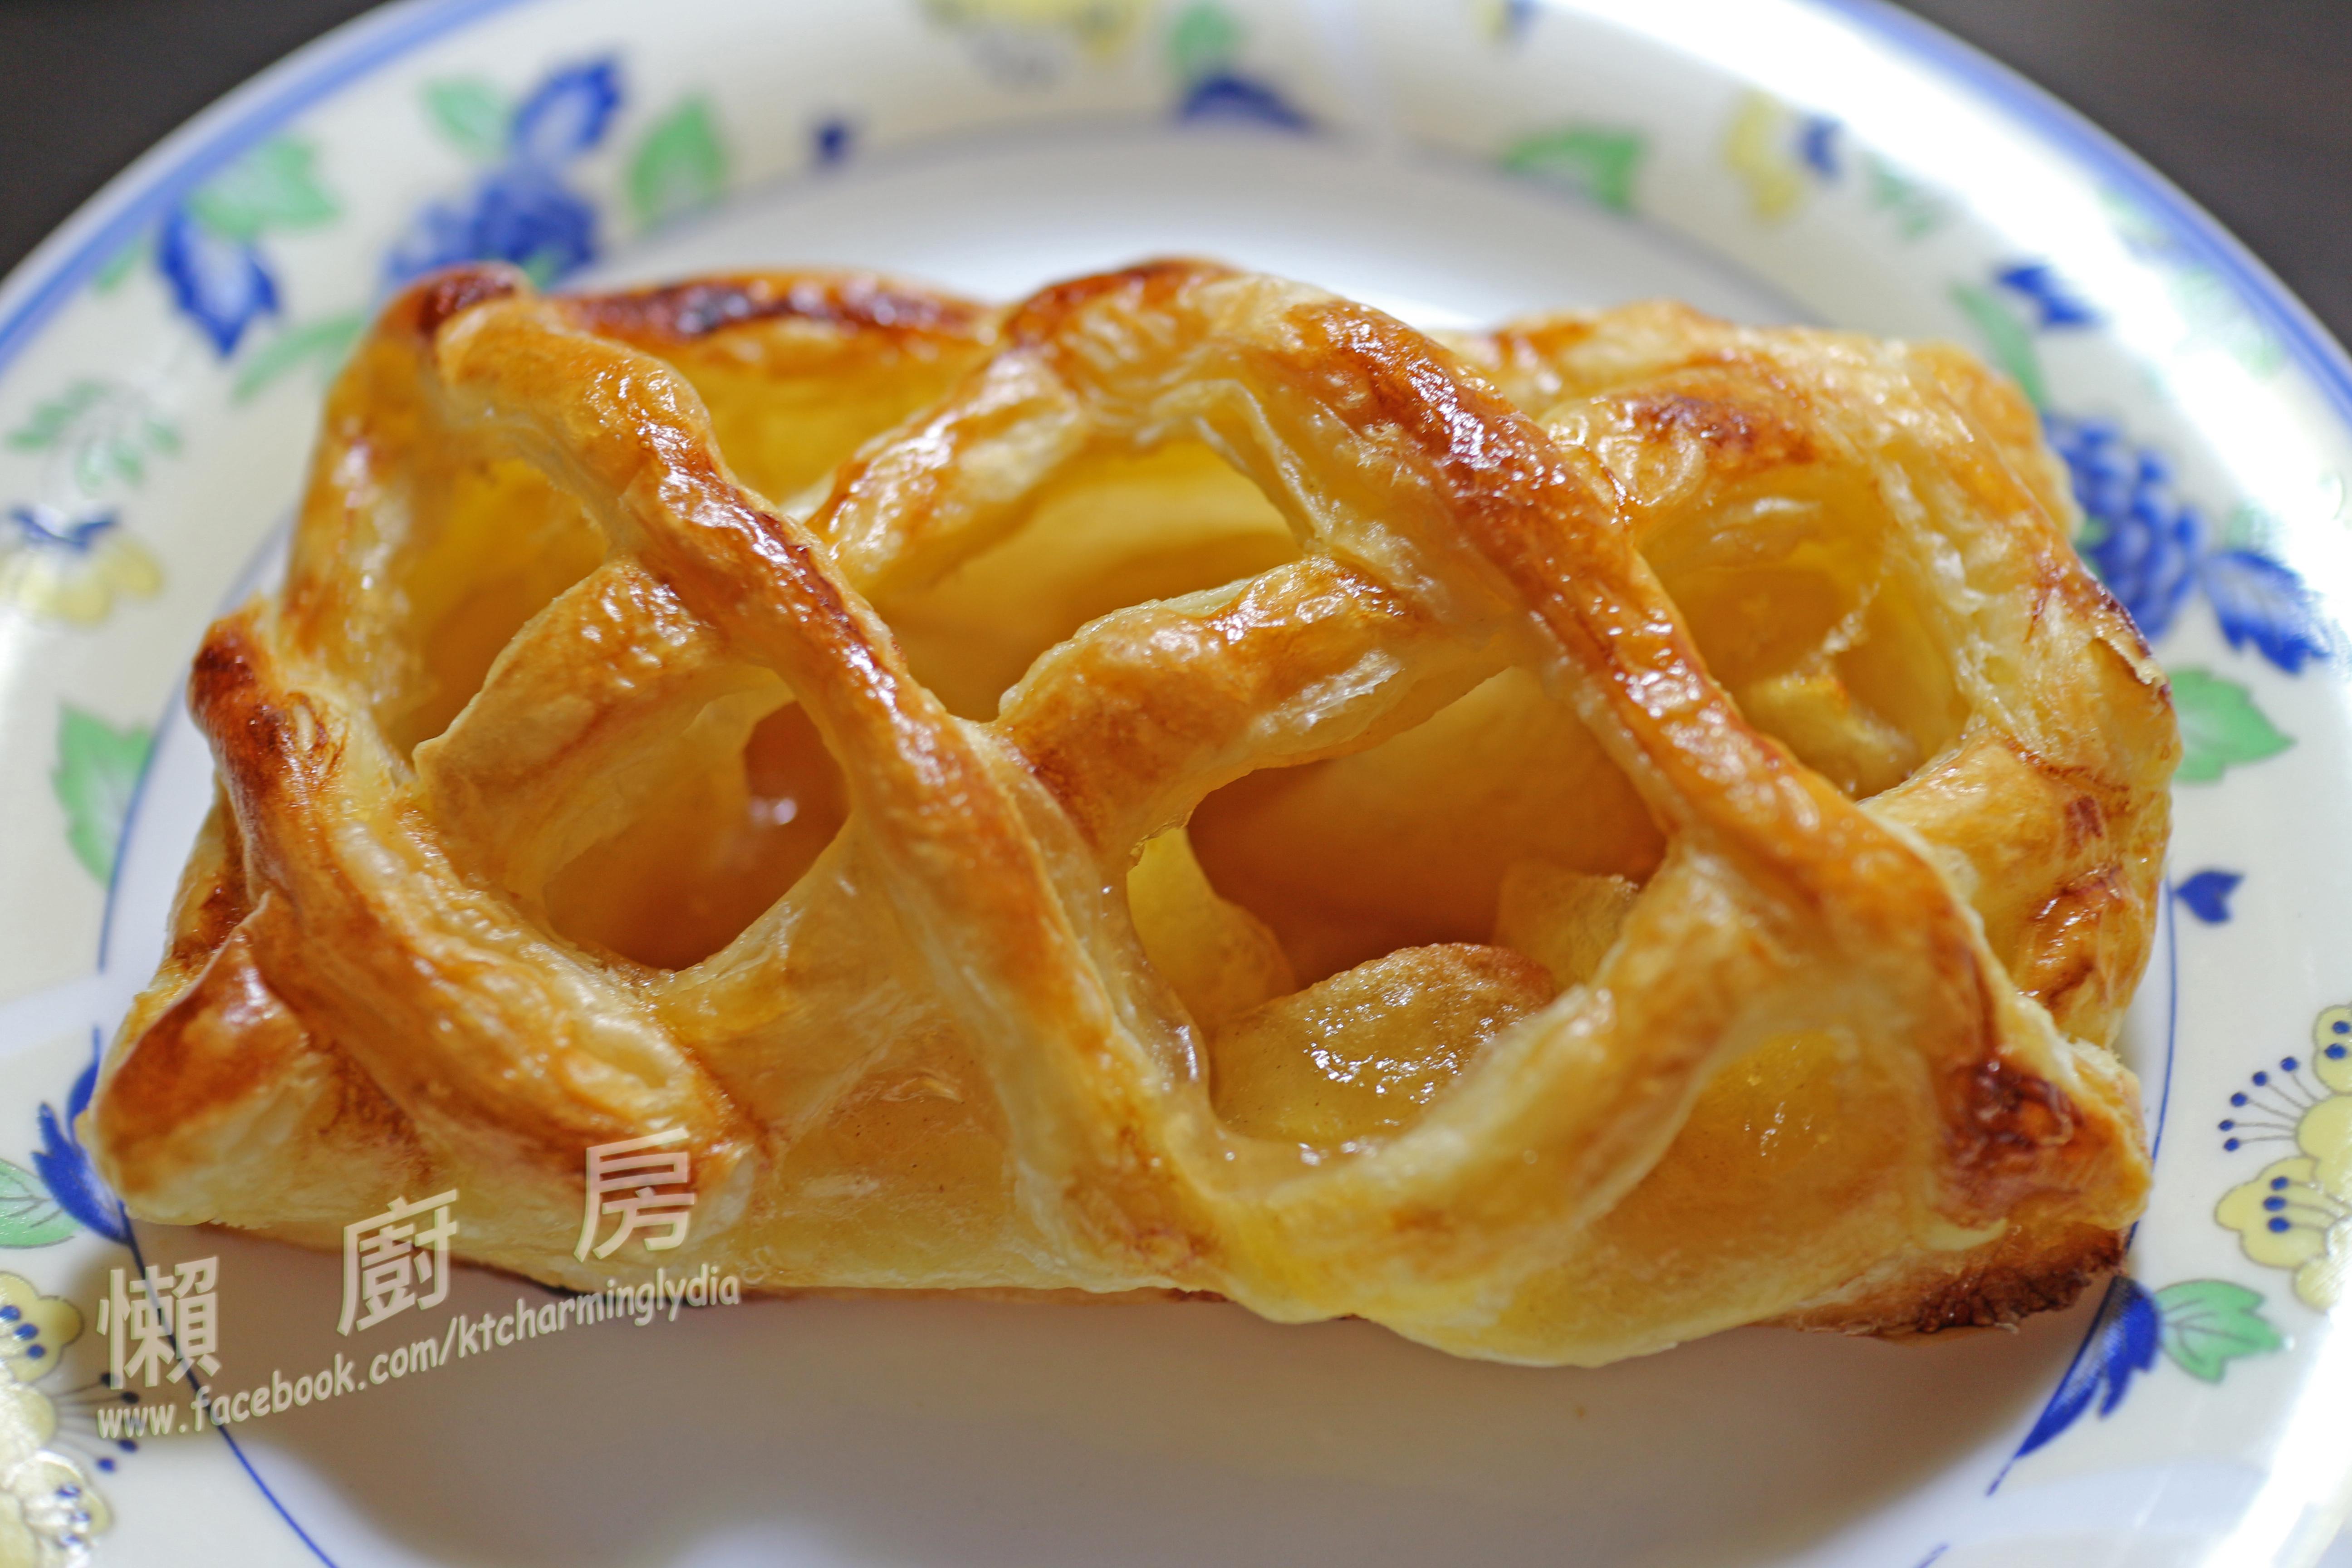 千層酥皮之『蘋果派』(上:千層酥皮篇)